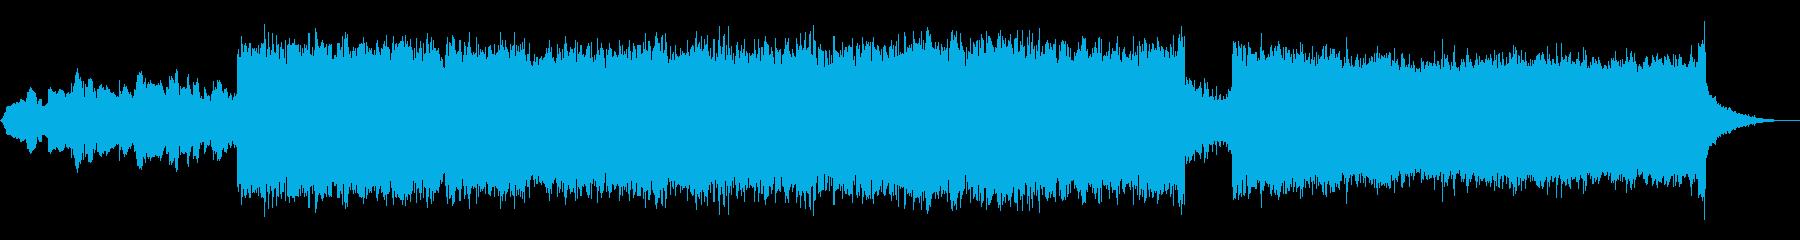 宇宙・科学・夕陽など感動的なアンビエントの再生済みの波形